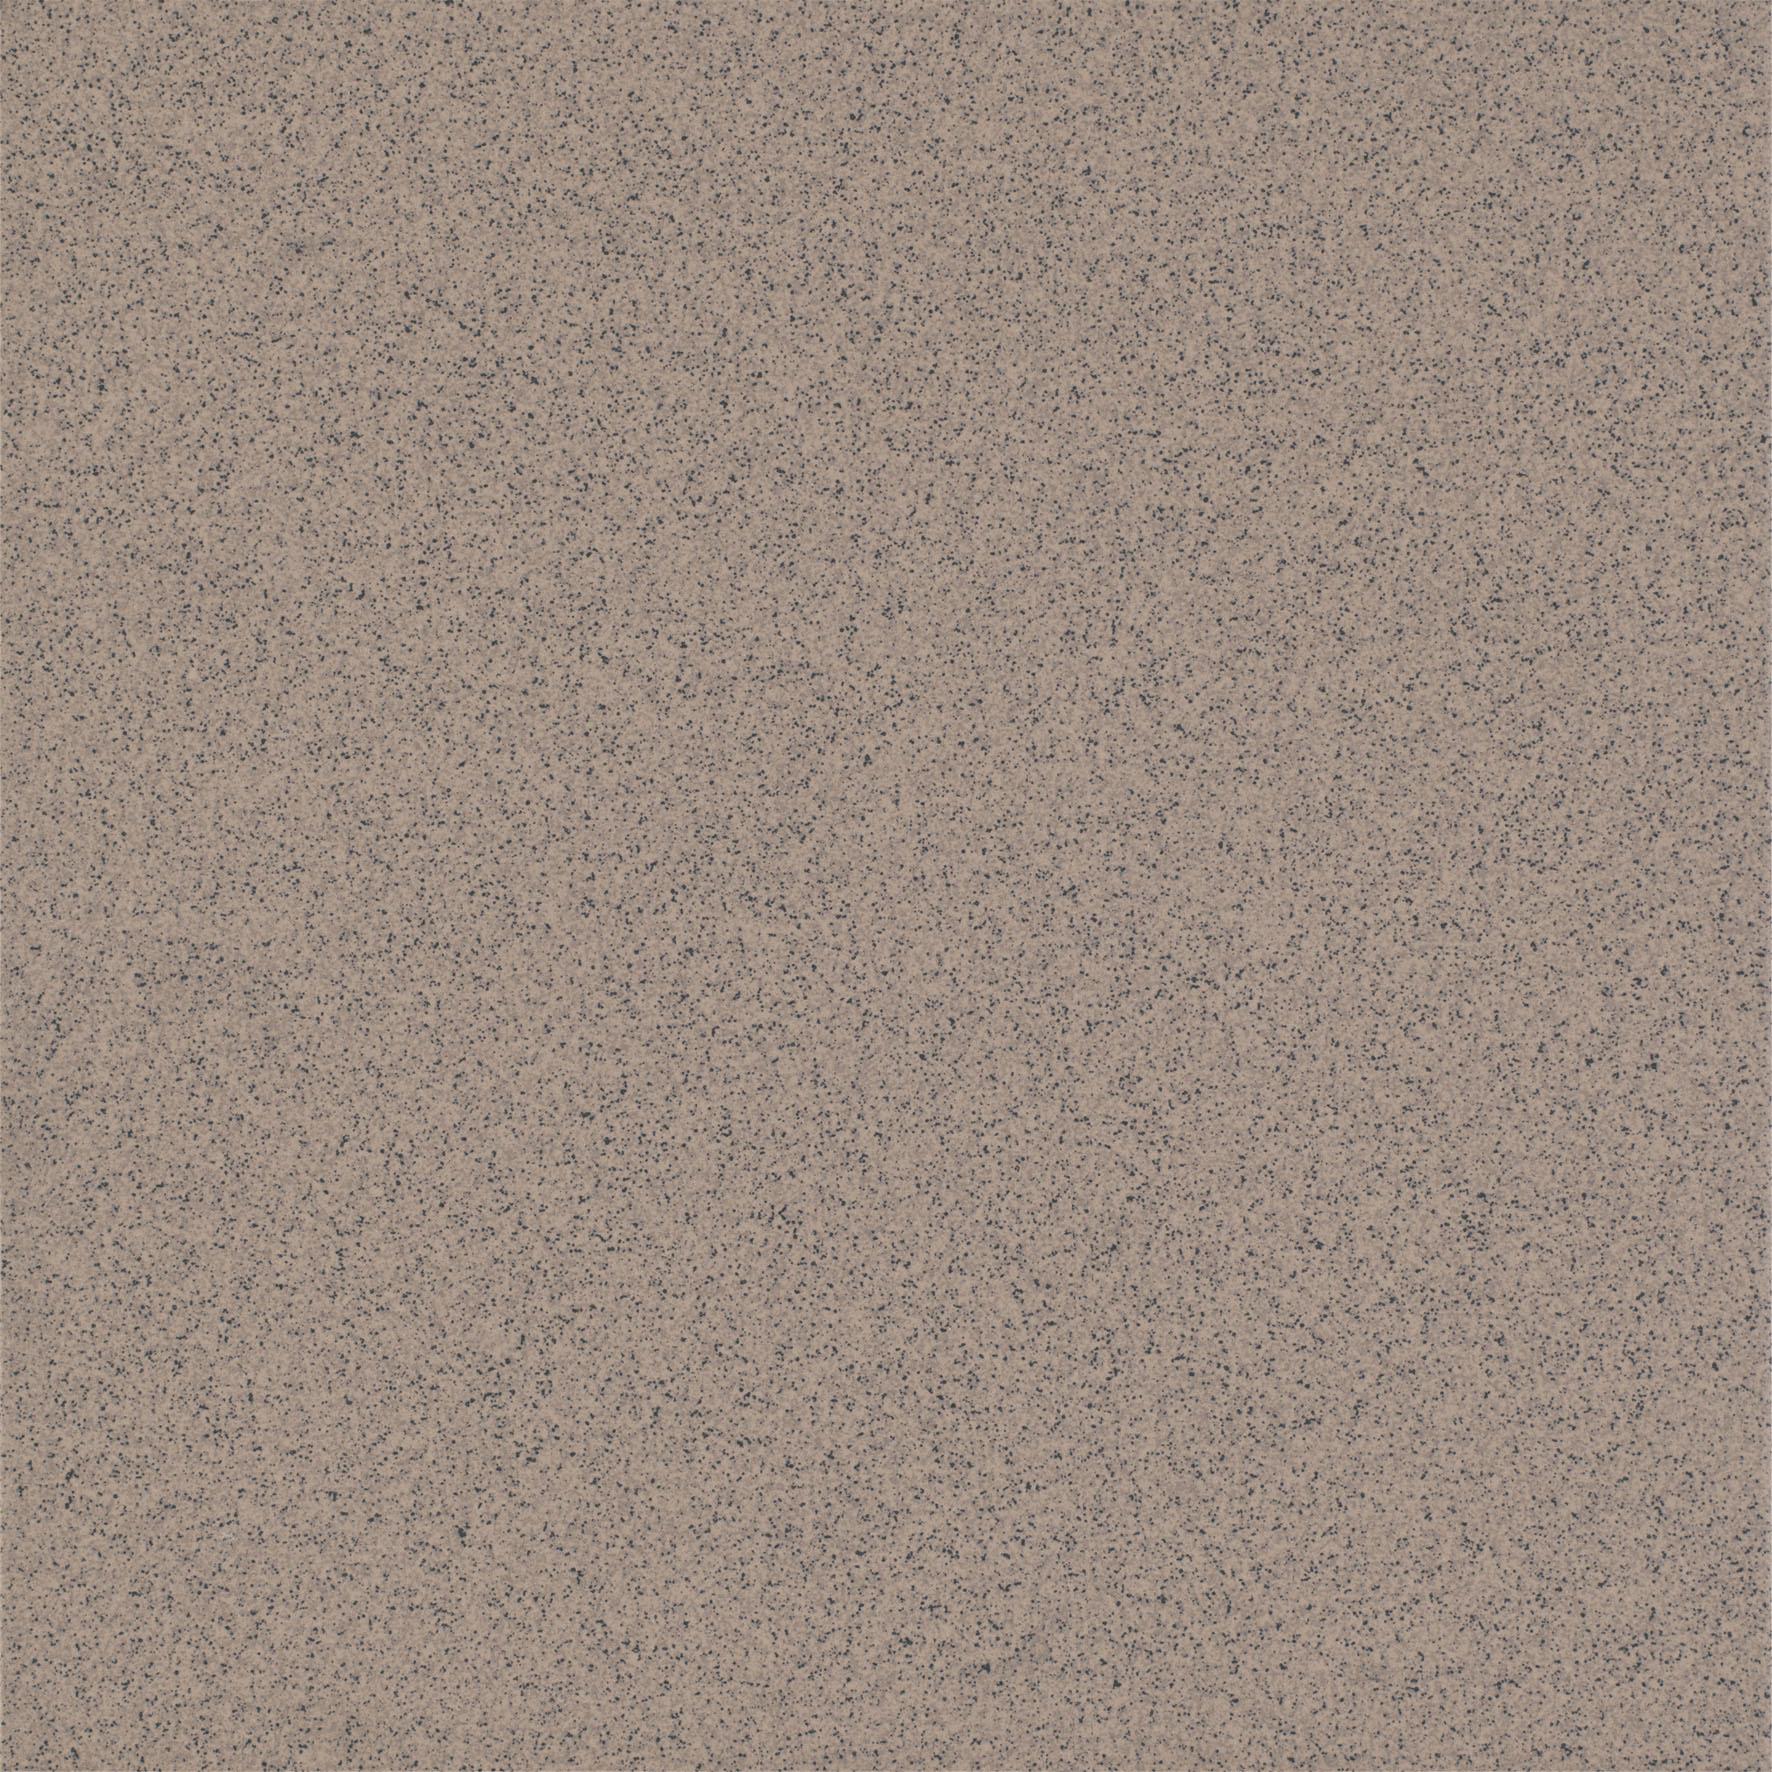 JÄÄK HX200 grey W334-004-1 R10 29,7x29,7x0,7 - Hansas Plaadimaailm